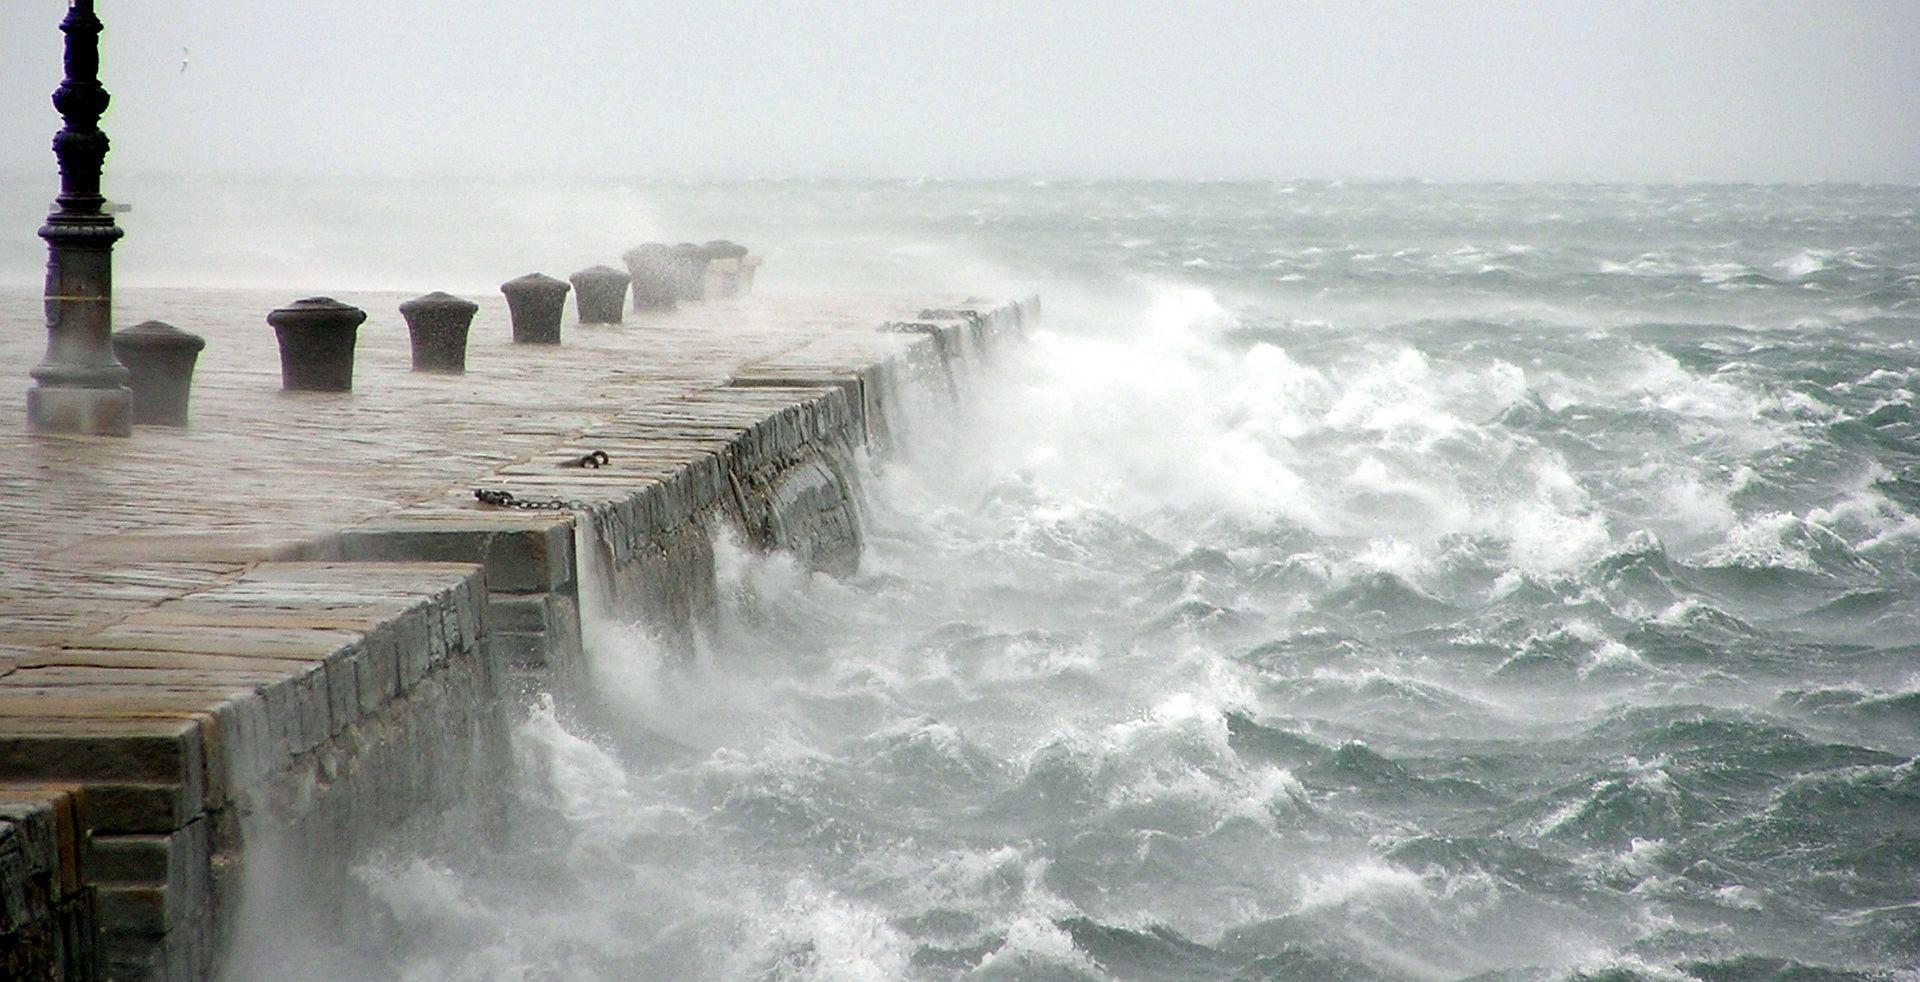 HAK Olujni vjetar ograničava promet, kolnici mokri i skliski